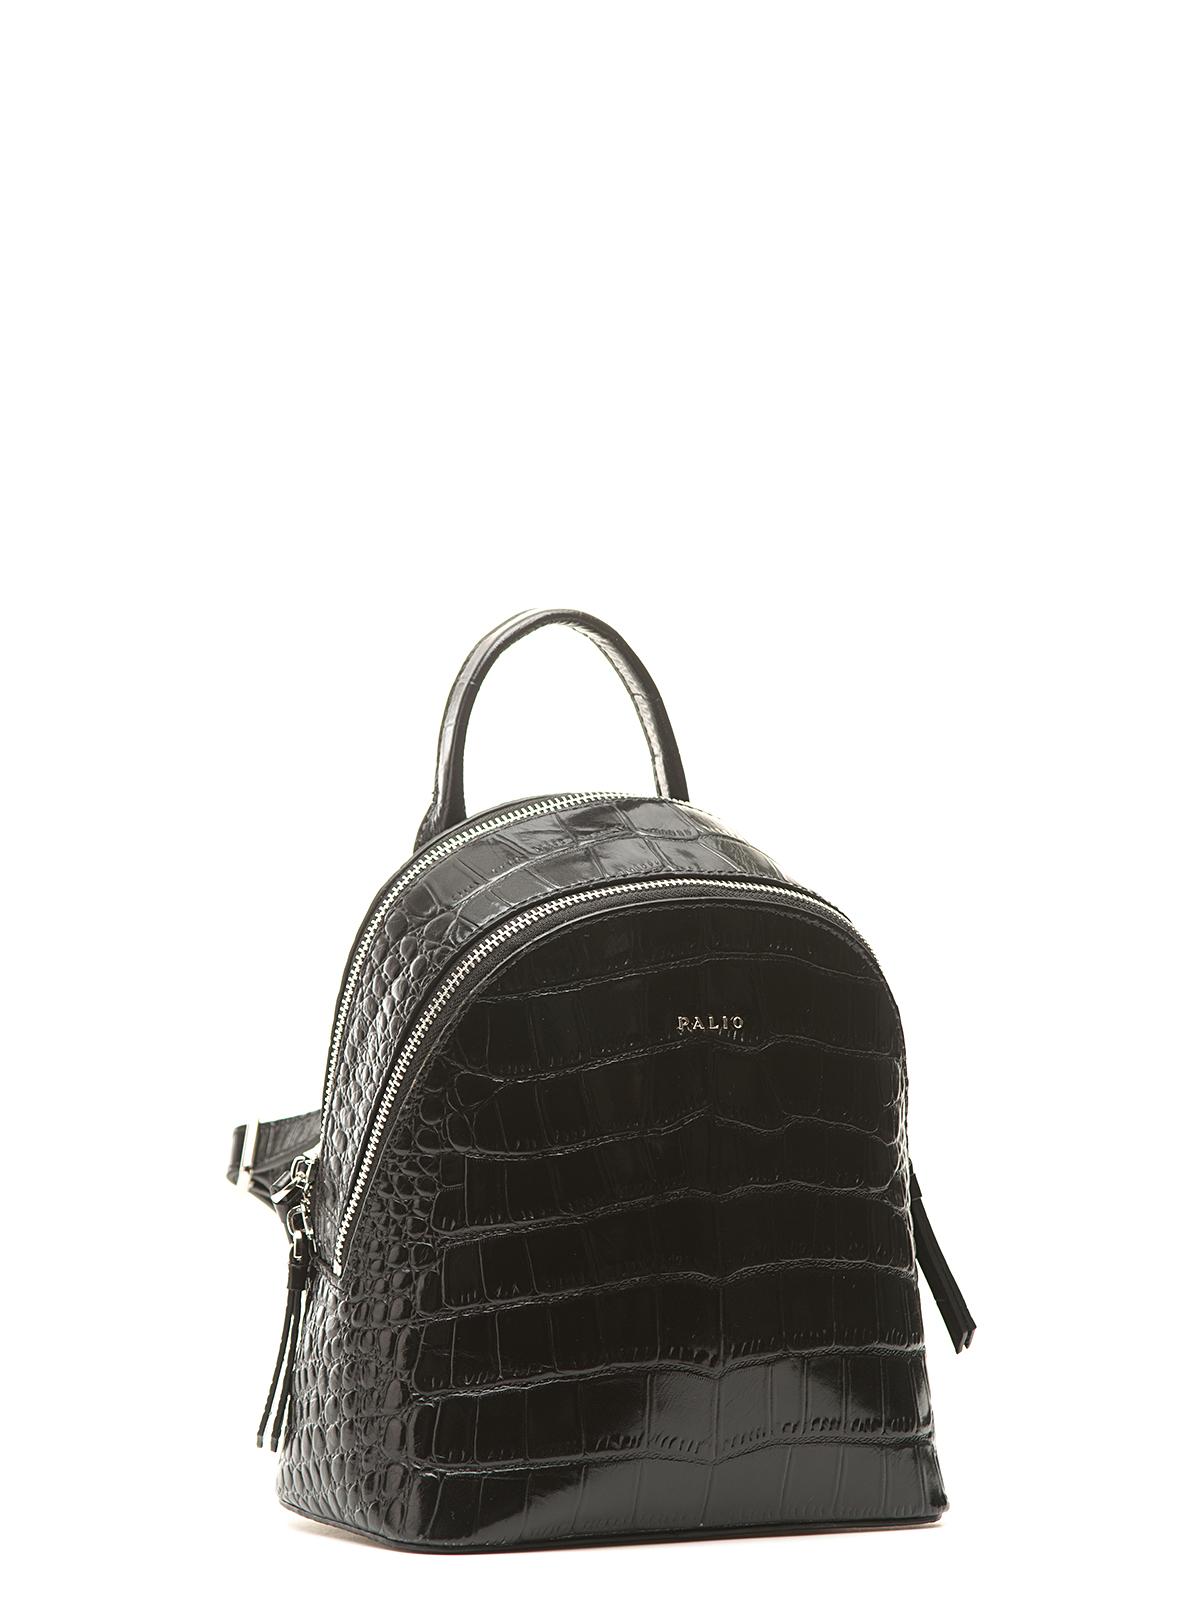 Рюкзак из кожи черного цвета с молниямиСумки<br><br>Материал верха: Кожа<br>Материал подкладки: Кожа<br>Цвет: Черный<br>Размер: 20х11х21<br>Дизайн: Италия<br>Страна производства: Китай<br><br>Материал верха: Кожа<br>Материал подкладки: Кожа<br>Цвет: Черный<br>Пол: Женский<br>Размер: Без размера